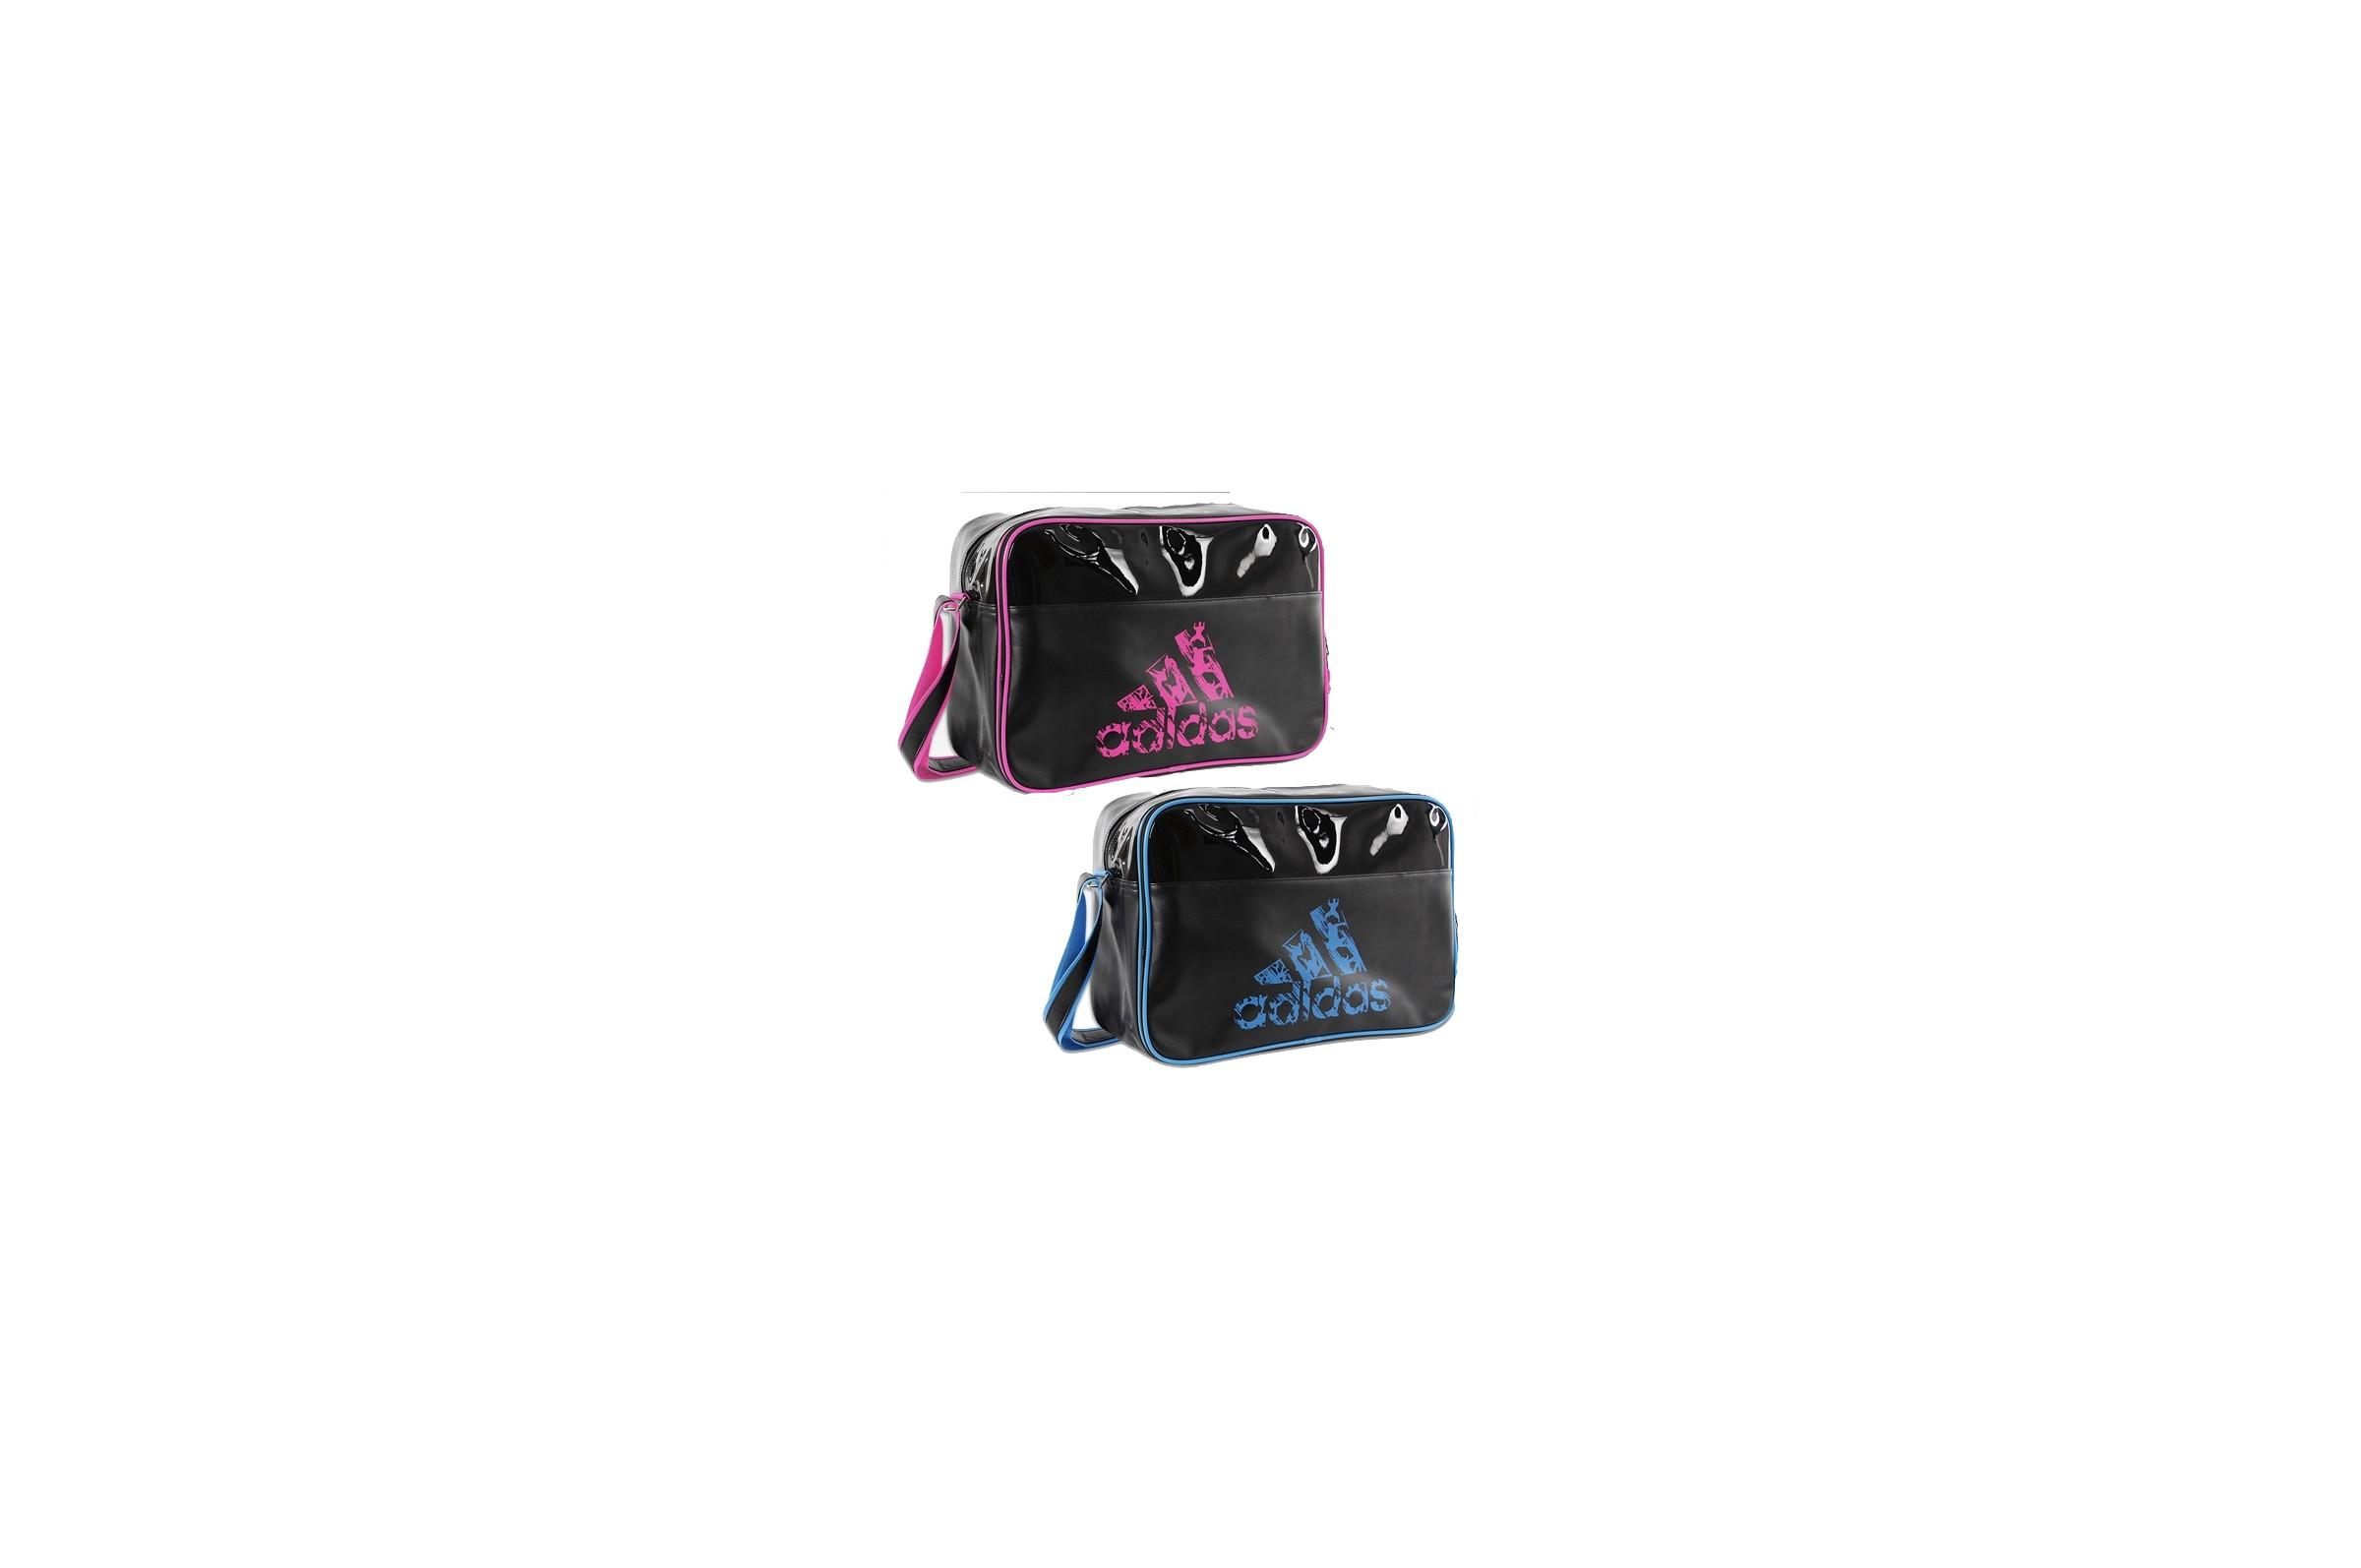 [Destock] Shoulder bag, 12L & 25L ADIACC110CS3, Adidas DragonSports.eu